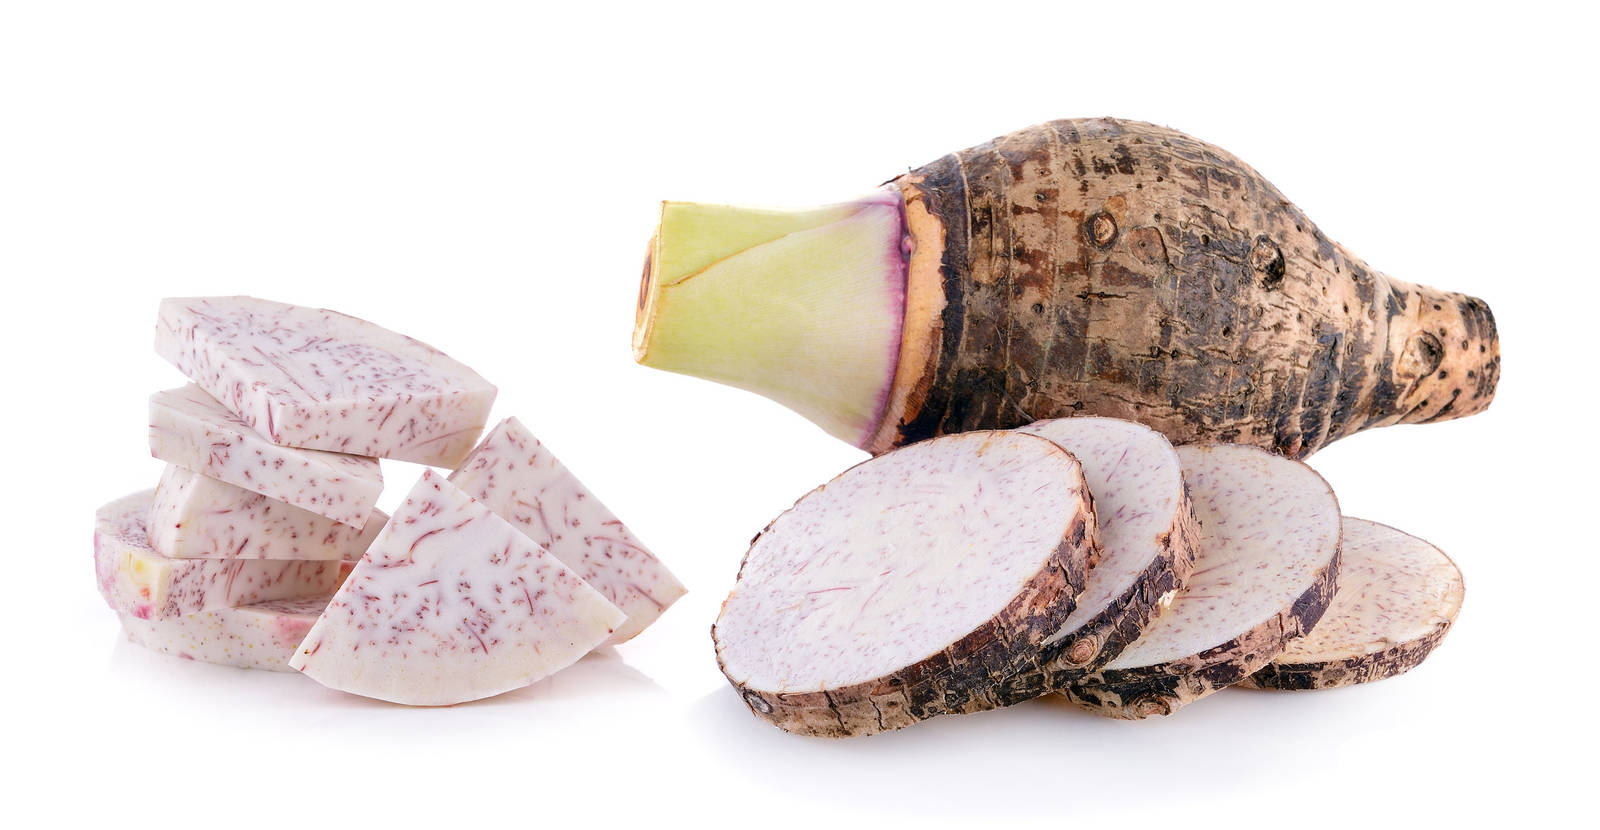 芋頭--「芋頭的鬆、香、糯、綿、細軟,是會誘人頻頻回首的食物。」